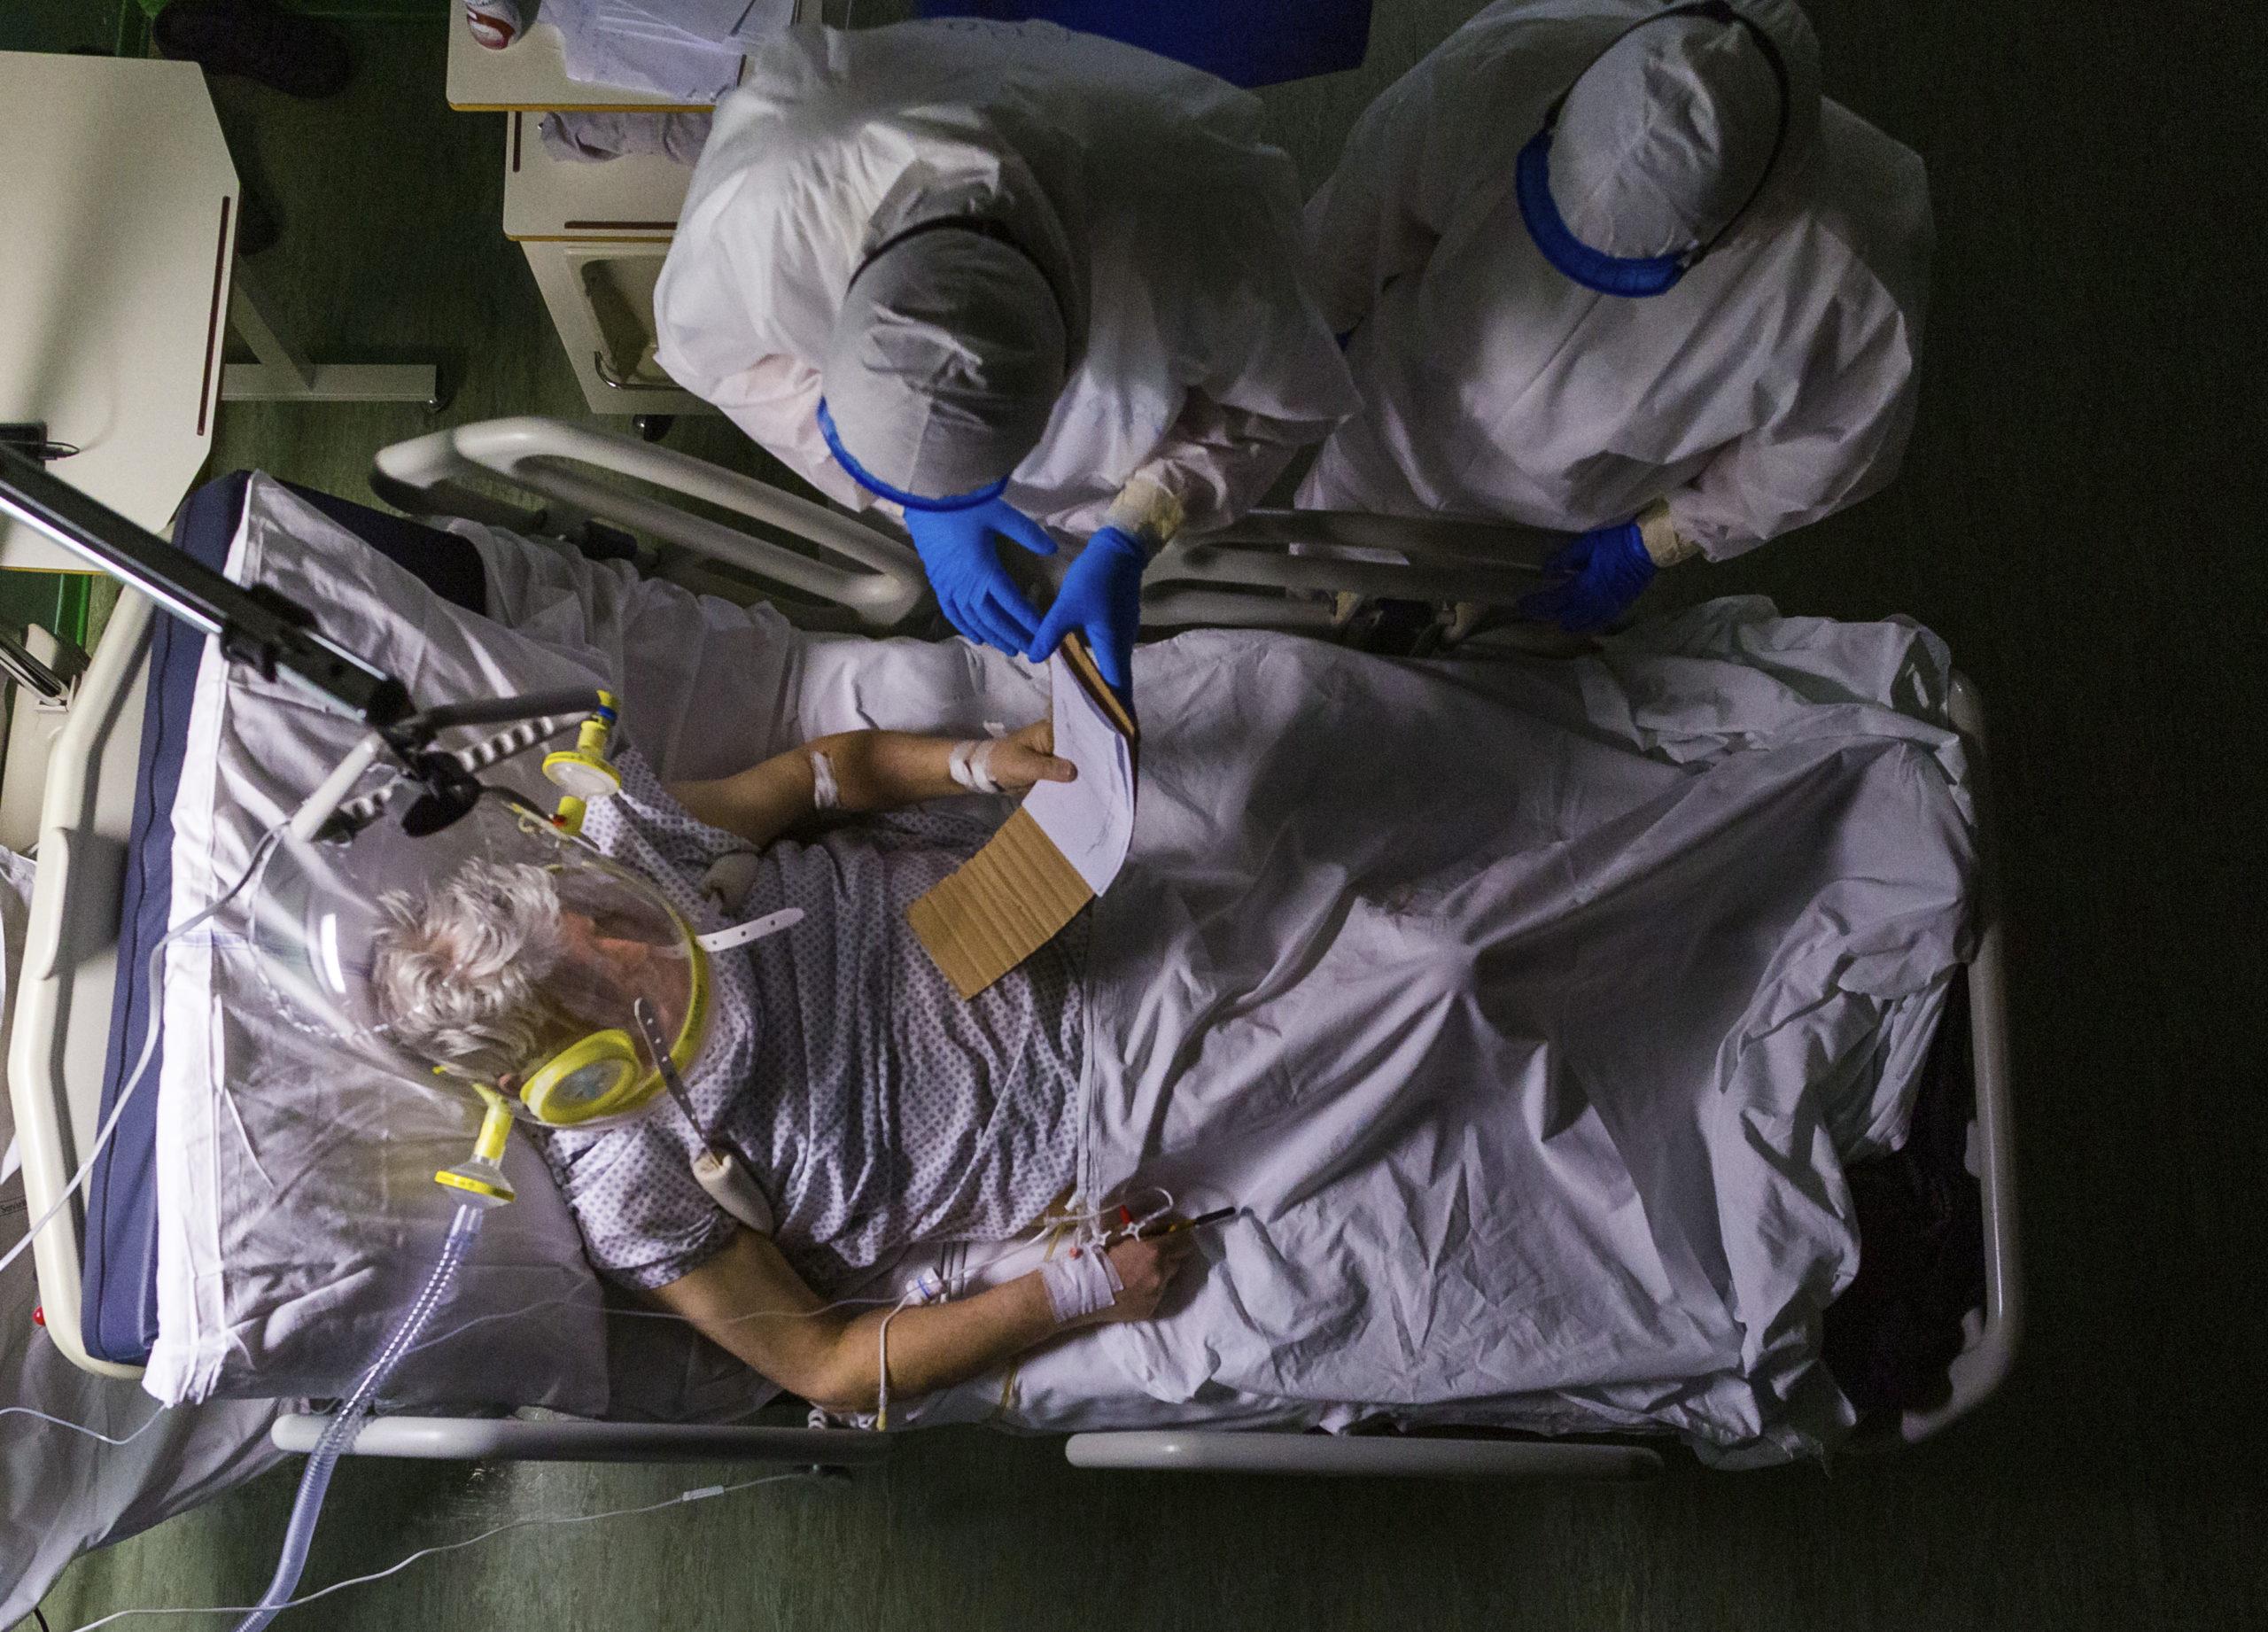 u-crnoj-gori-234-novozarazene-i-jedna-preminula-osoba